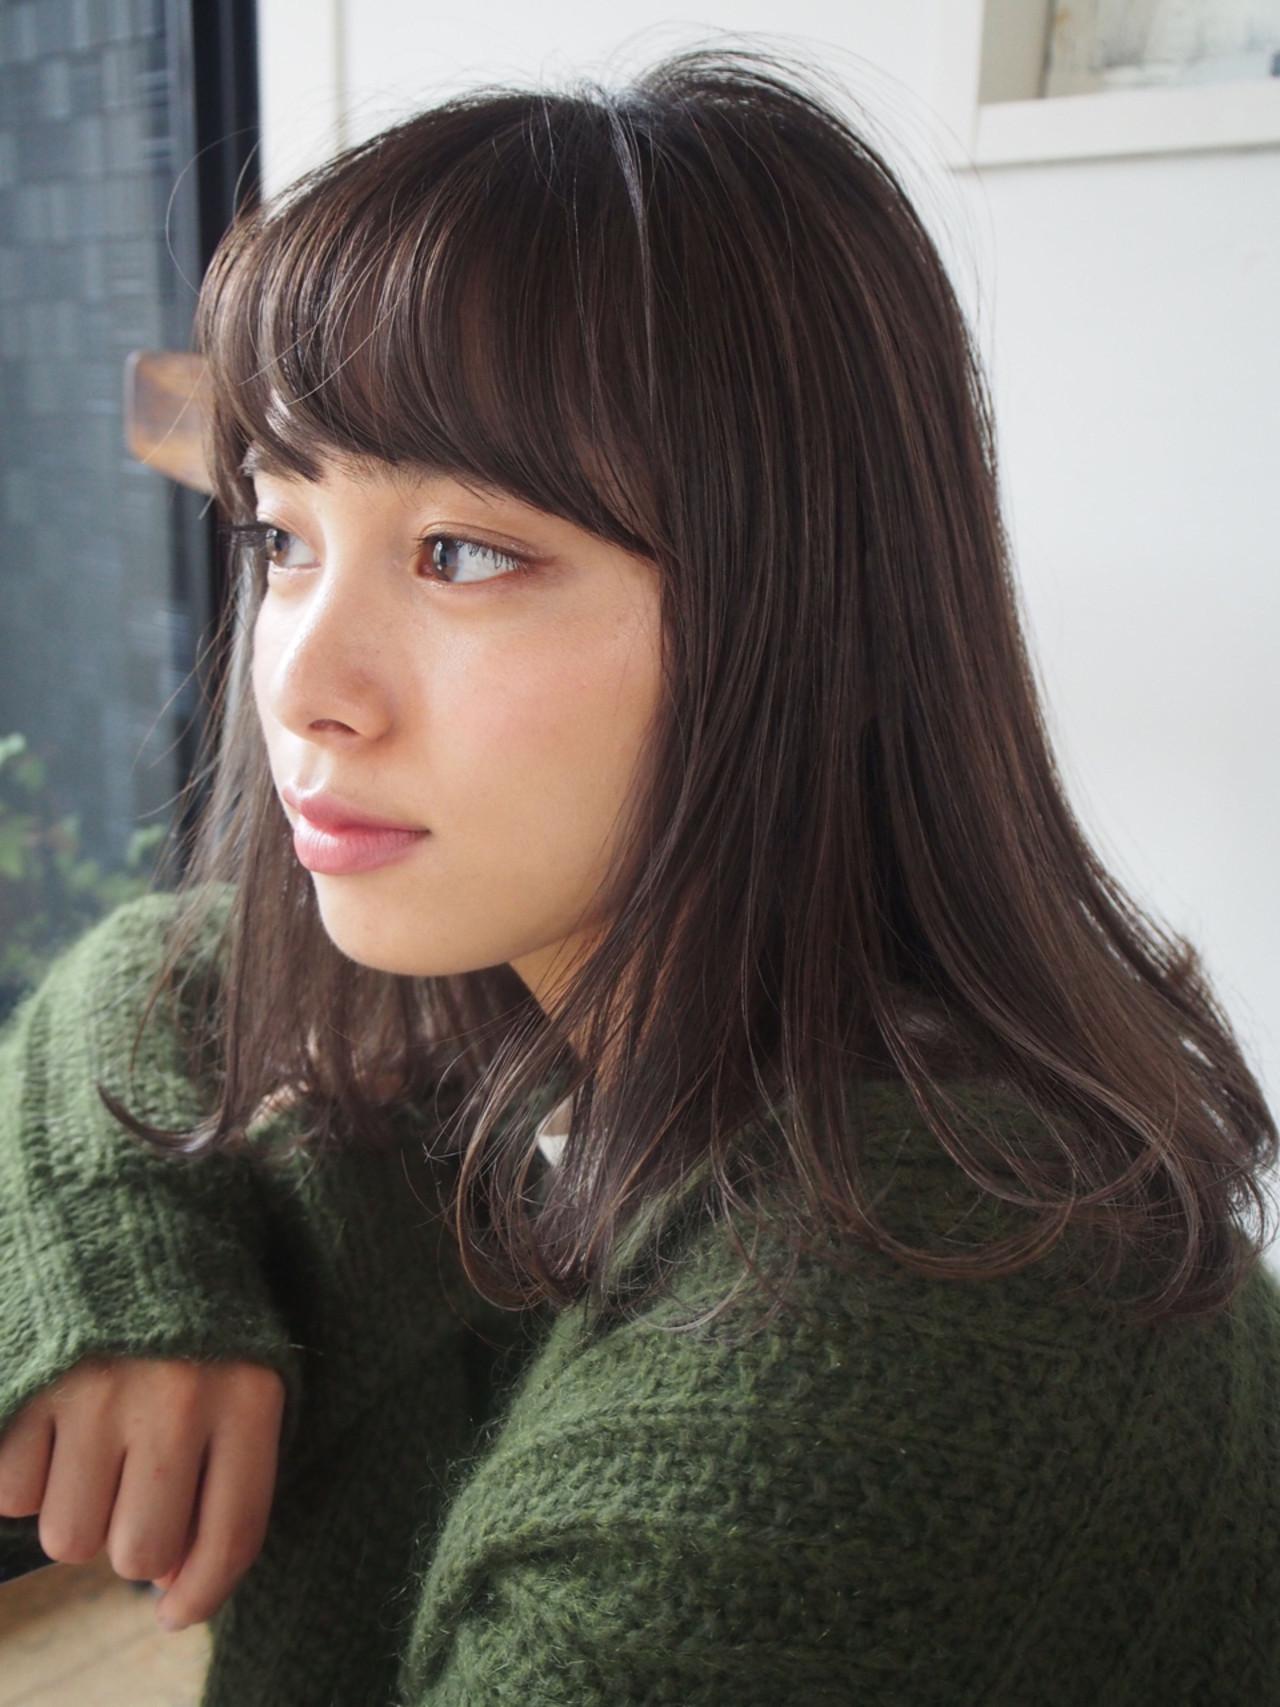 黒髪×ミディアム×パーマは色気たっぷりのおフェロスタイルに♡ 一色 さおり